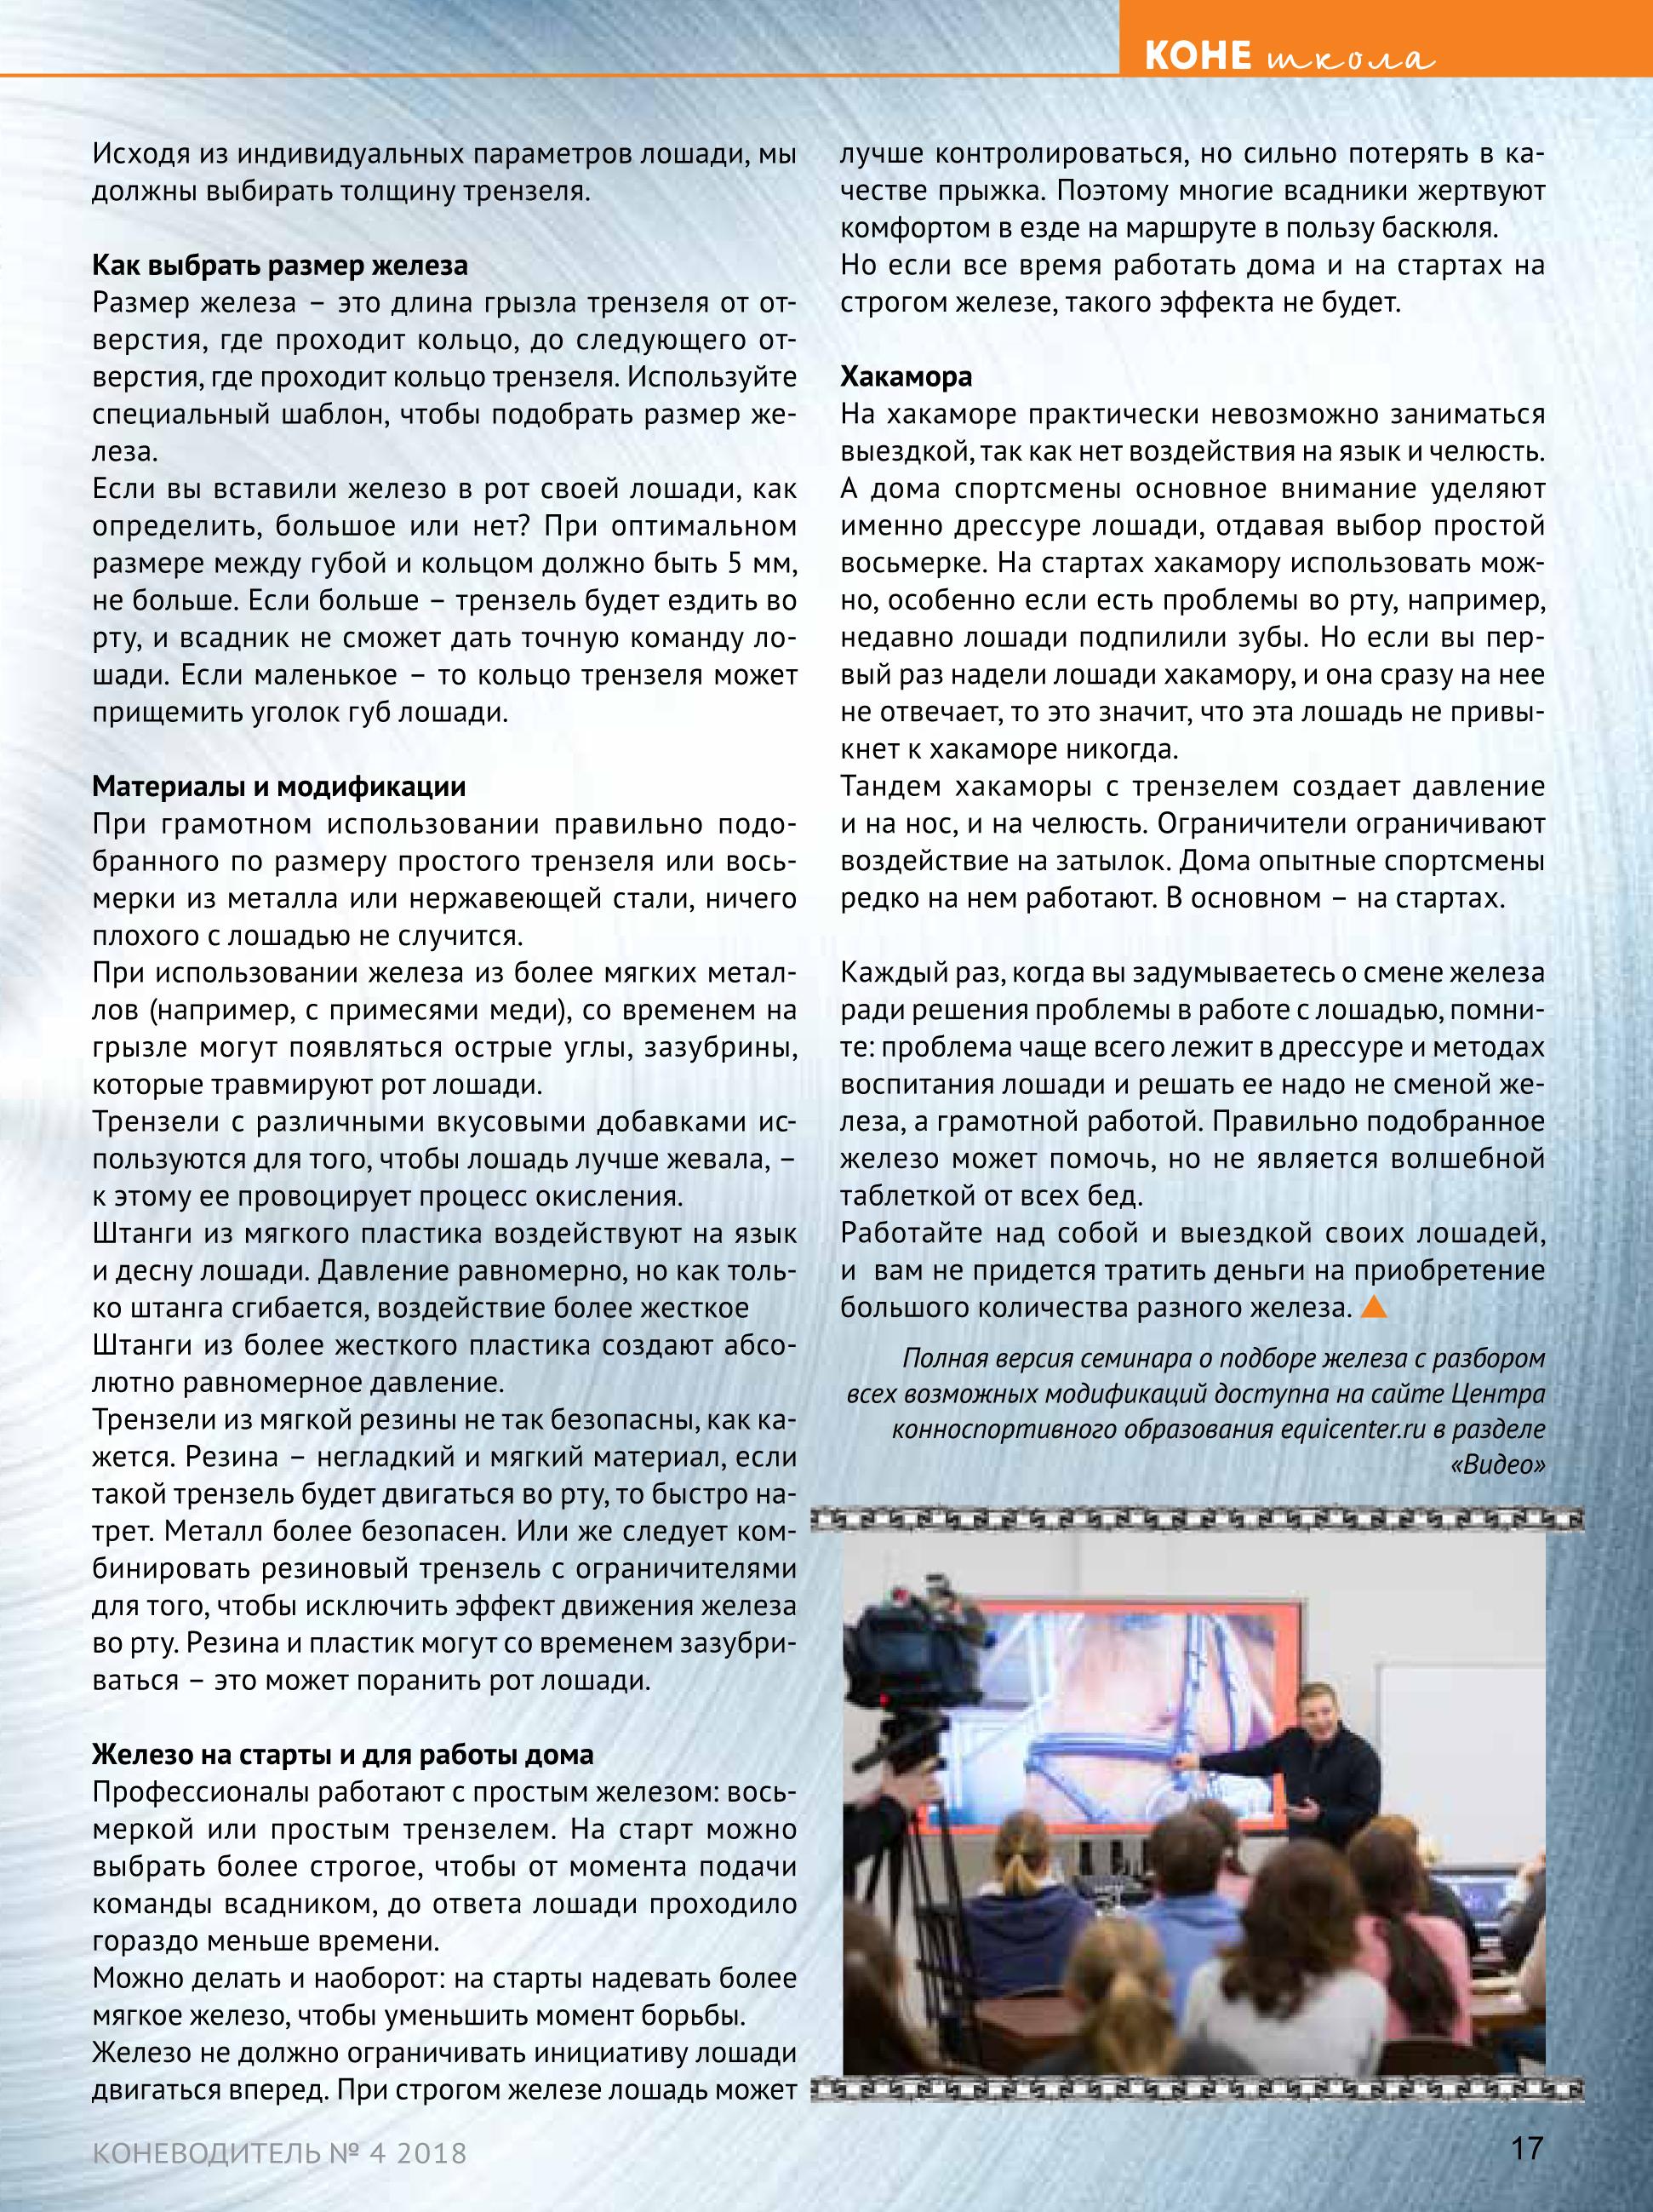 Book КОНЕВОДИТЕЛЬ 4_ proof-17